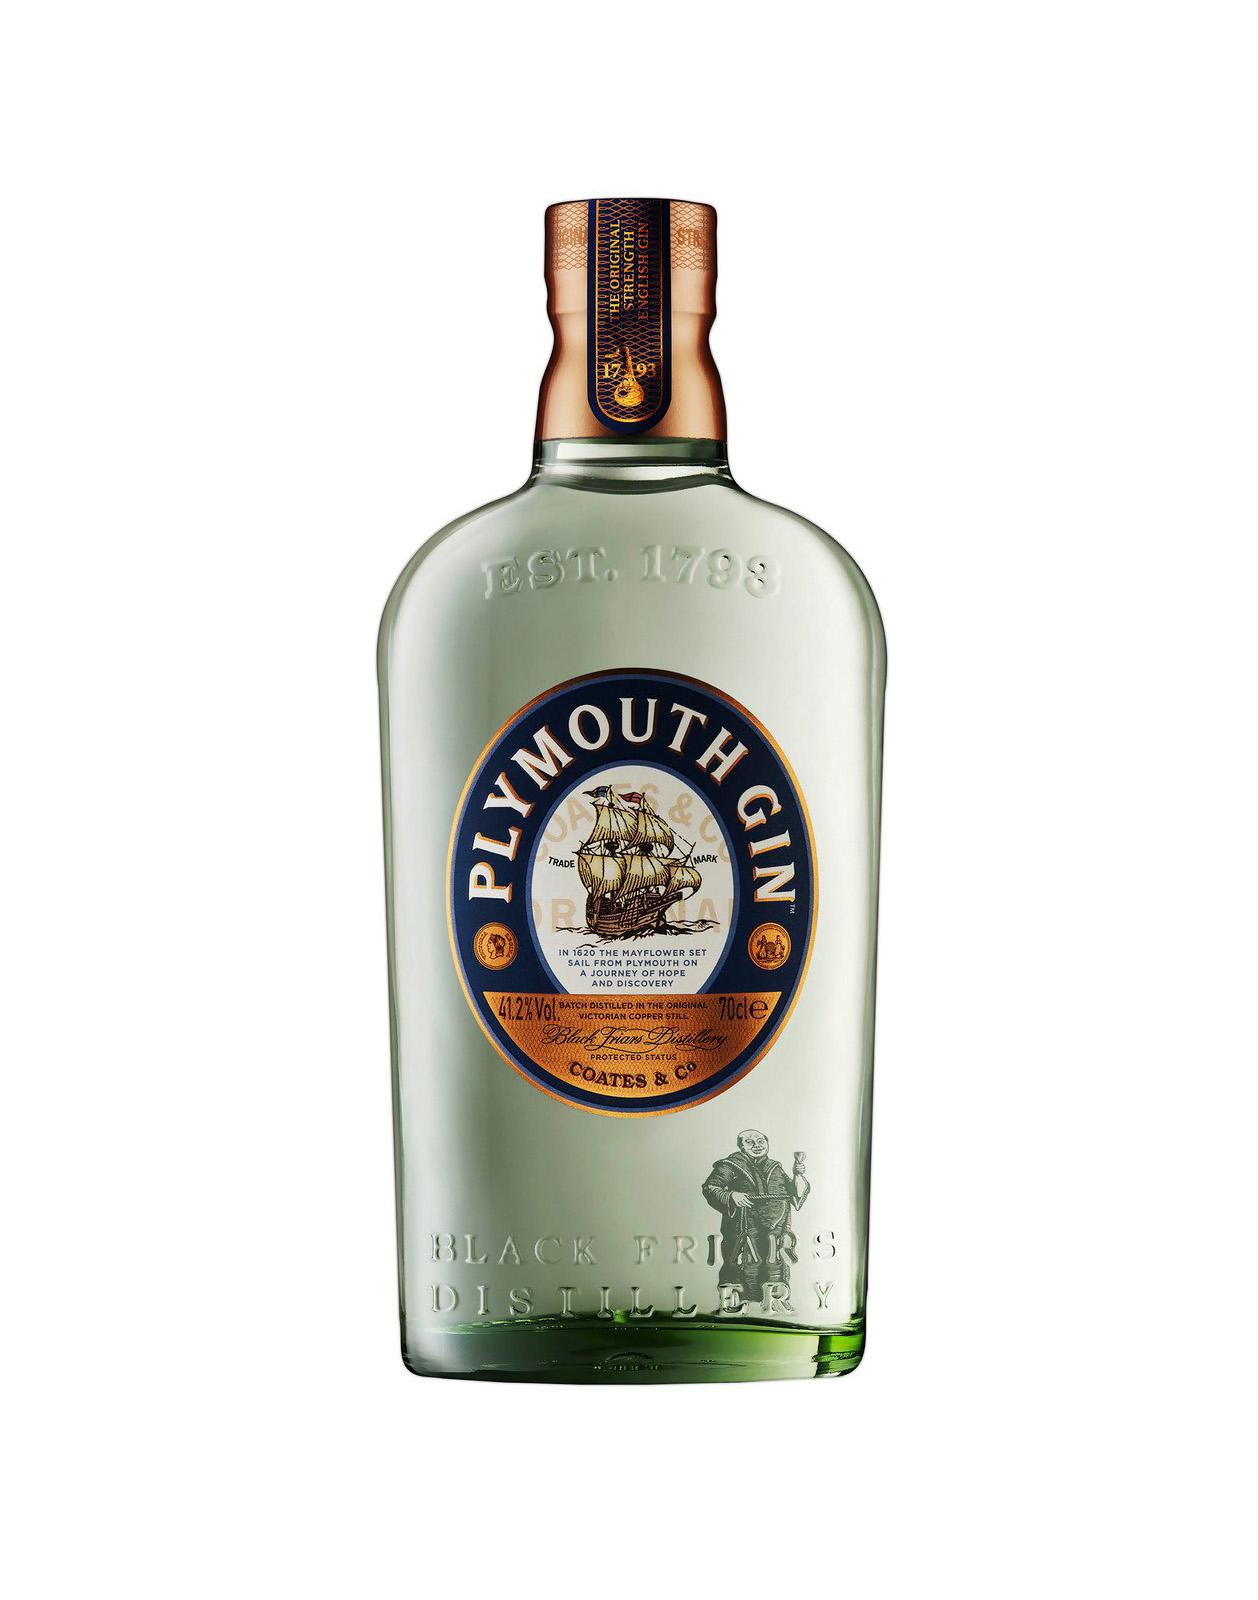 Plymouth Gin 0,7L 41%, Bottleshop Sunny wines slnecnice mesto, petrzalka, Gin, rozvoz alkoholu, eshop, Bratislava Petrzalka Slnecnice